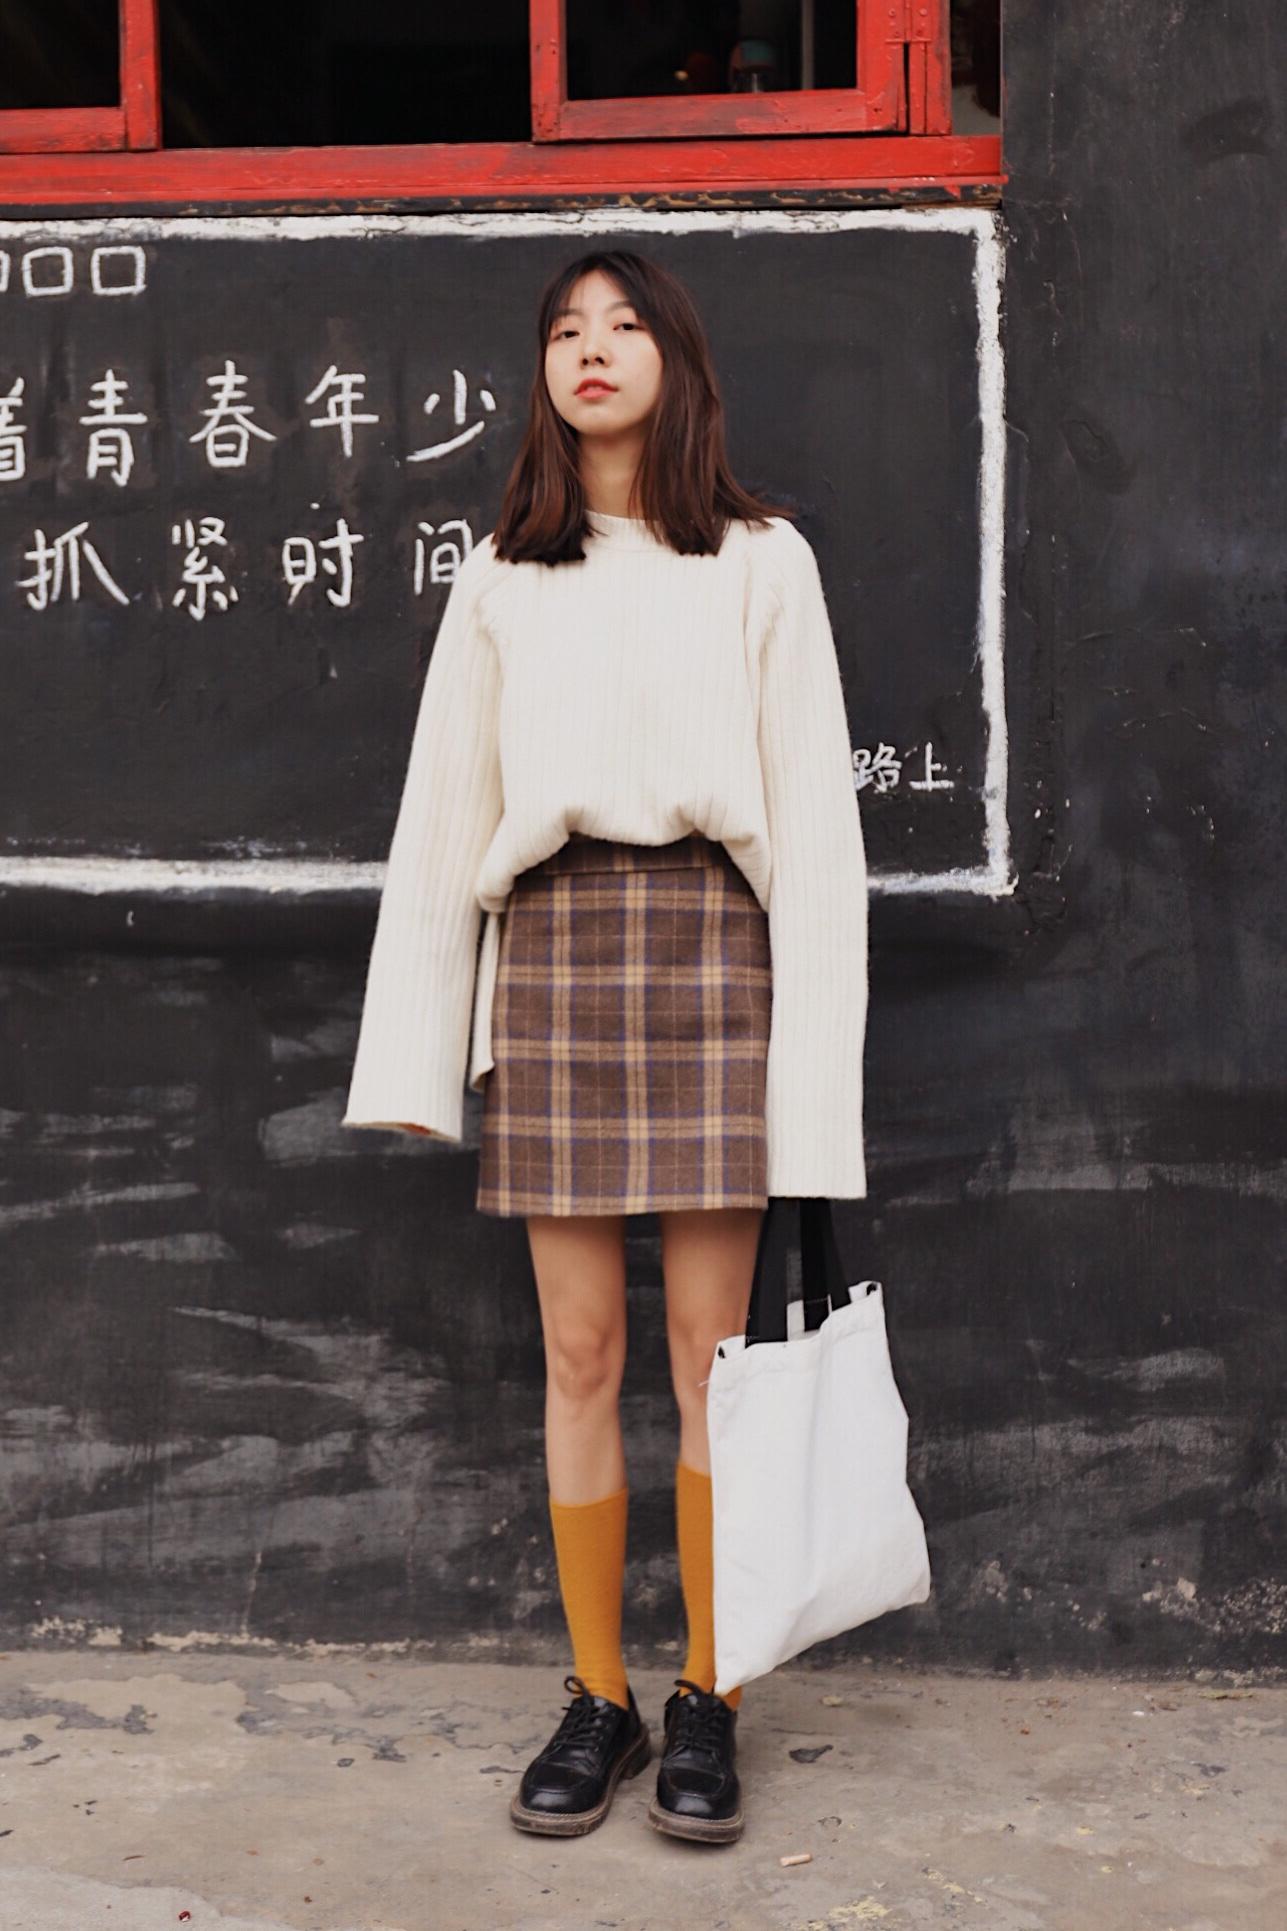 #冬天的光腿秘籍#  白毛衣才是清纯学院风的必备单品  Hello大家好,这里是大鱼穿搭测评第440期,这一期和大家分享的是白色毛衣穿搭。  ❤️身高体重163|43,给大家做个参考。  ❤️感觉又是好久没有分享穿搭的节奏,最近因为在忙着拍拍拍,所以更新慢了点,不过我会坚持分享好看的衣服给大家的哇。 比如今天这一套就是我很心水的搭配,格子裙➕白毛衣简直是心头好,短款格子裙,薄款呢子面料,试穿S码合身,显瘦提臀,适合小个子的宝宝。 上半身的毛衣是柔软的羊毛,宽松长款,烟管领修饰颈部线条,袖子大大的长长的,卷起来无敌好看,很韩风日常百搭款啦。  ❤️喜欢记得给我点赞留言哦!!